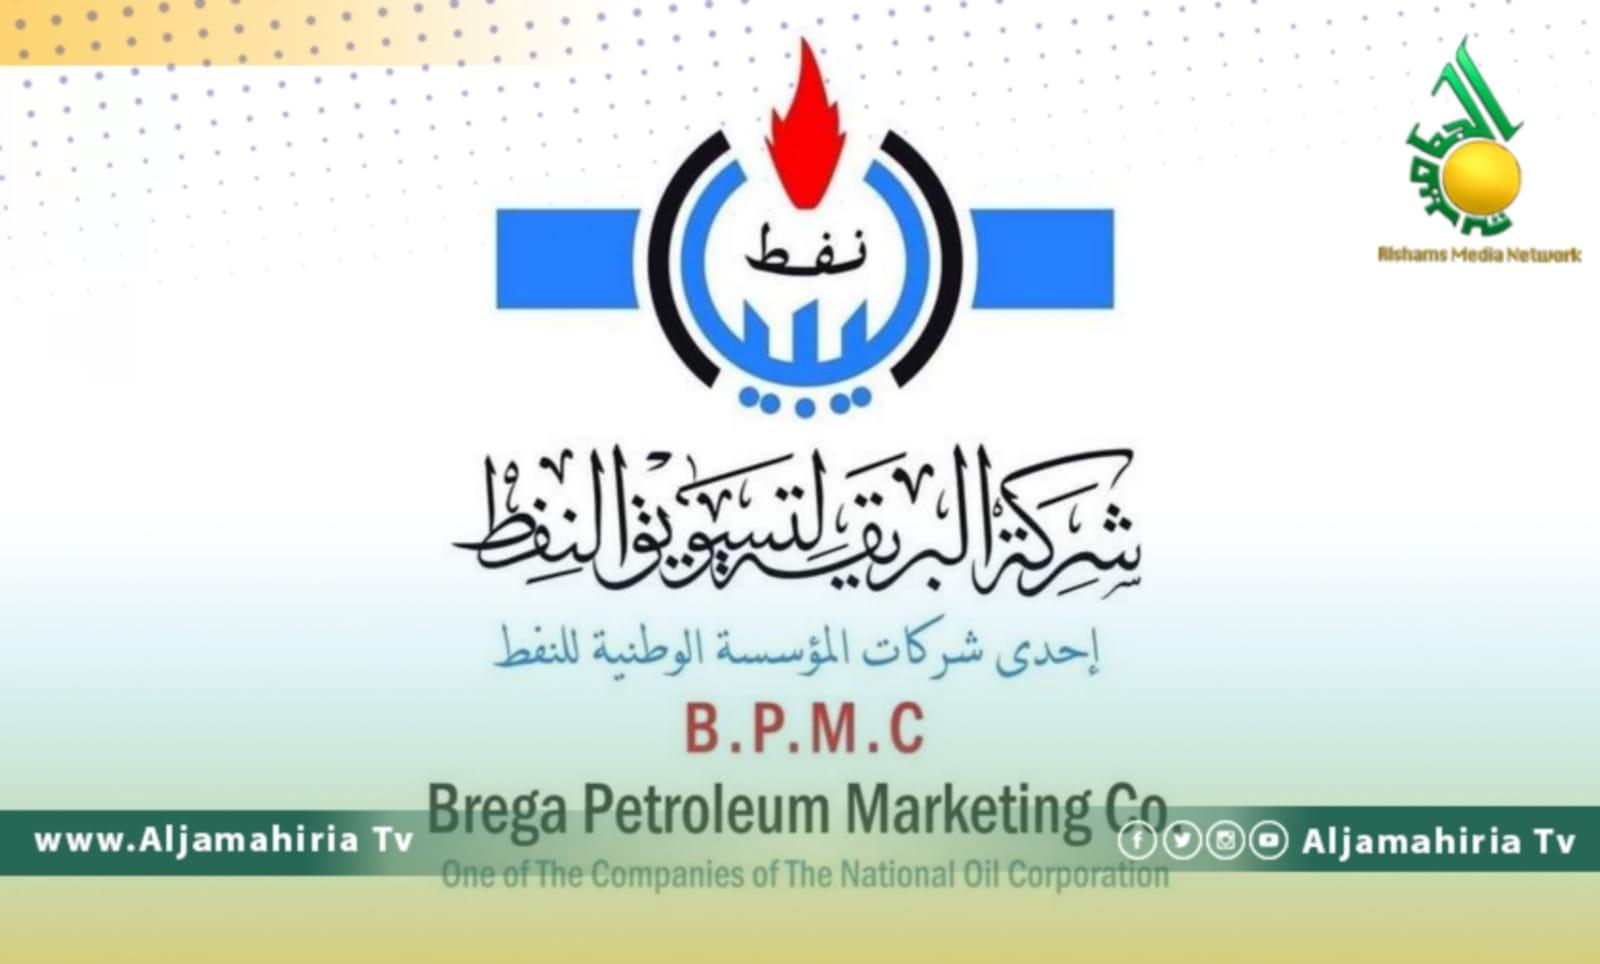 البريقة لتسويق النفط